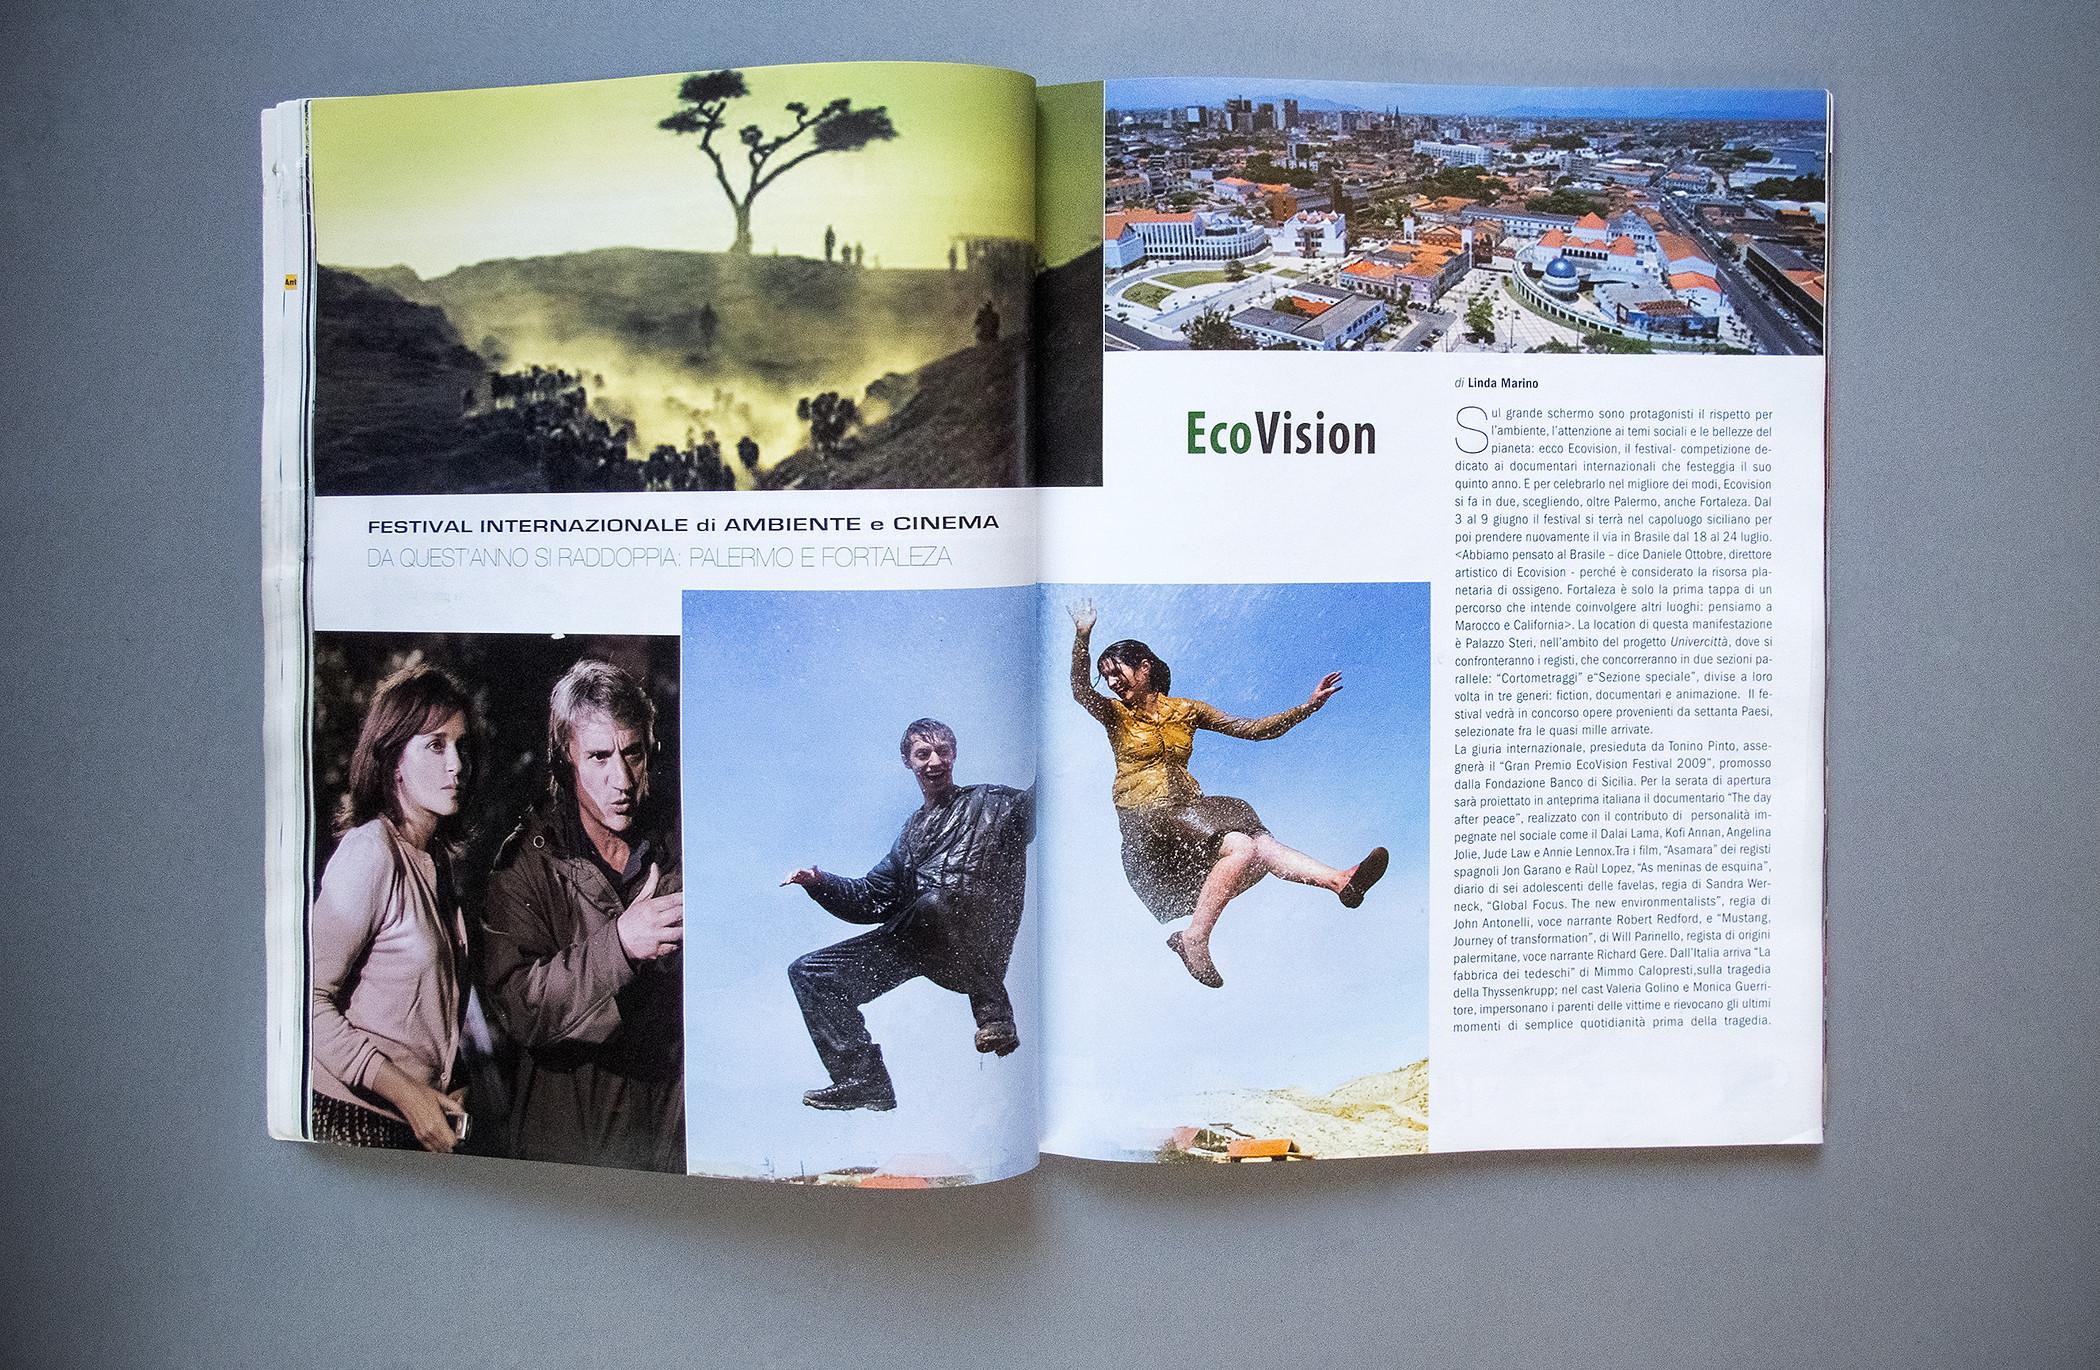 Anteprima Magazine Pagination Ecovision